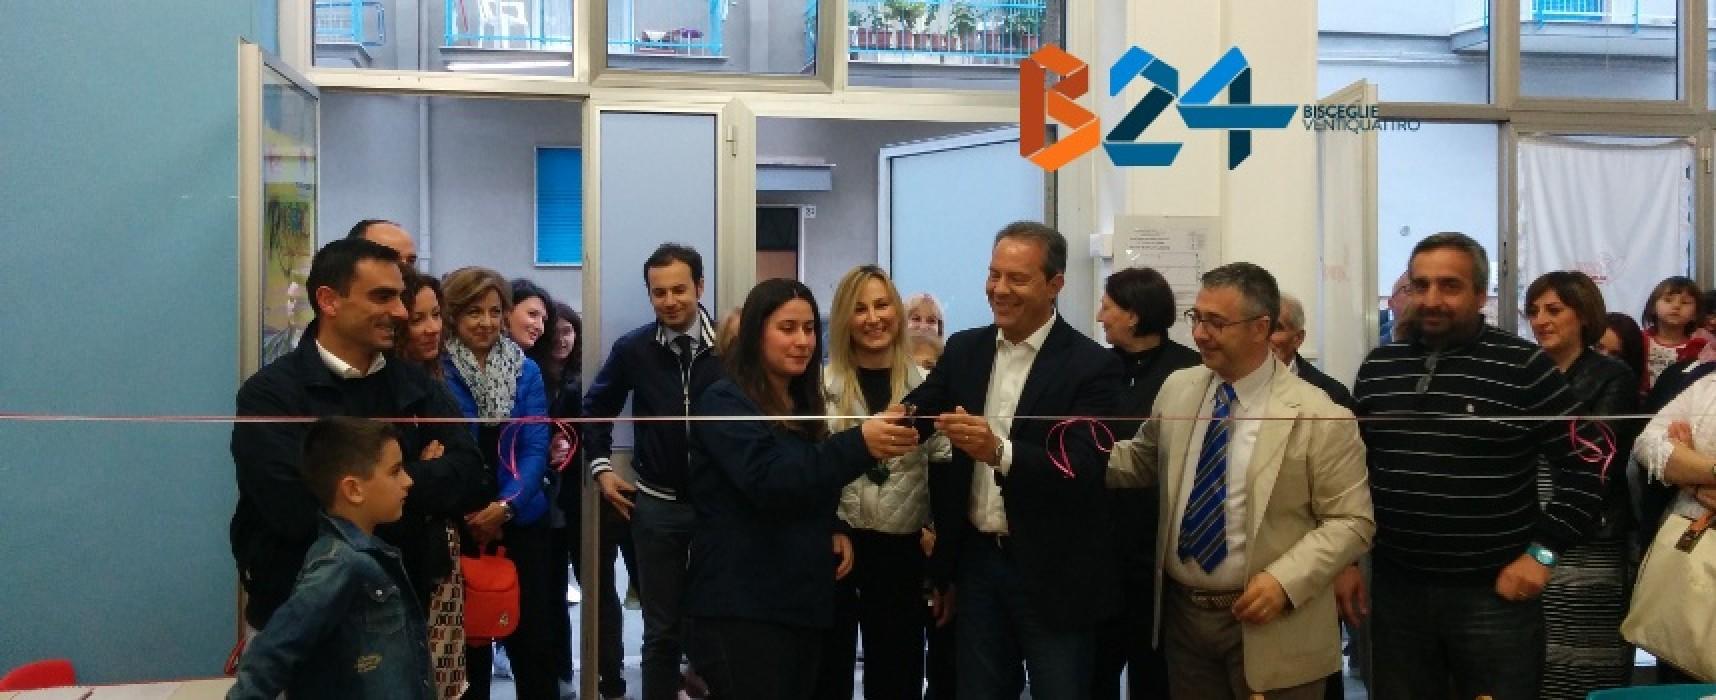 """""""I care"""" ha inaugurato ieri sera il Centro Servizi educativi per l'infanzia e l'adolescenza / FOTO"""